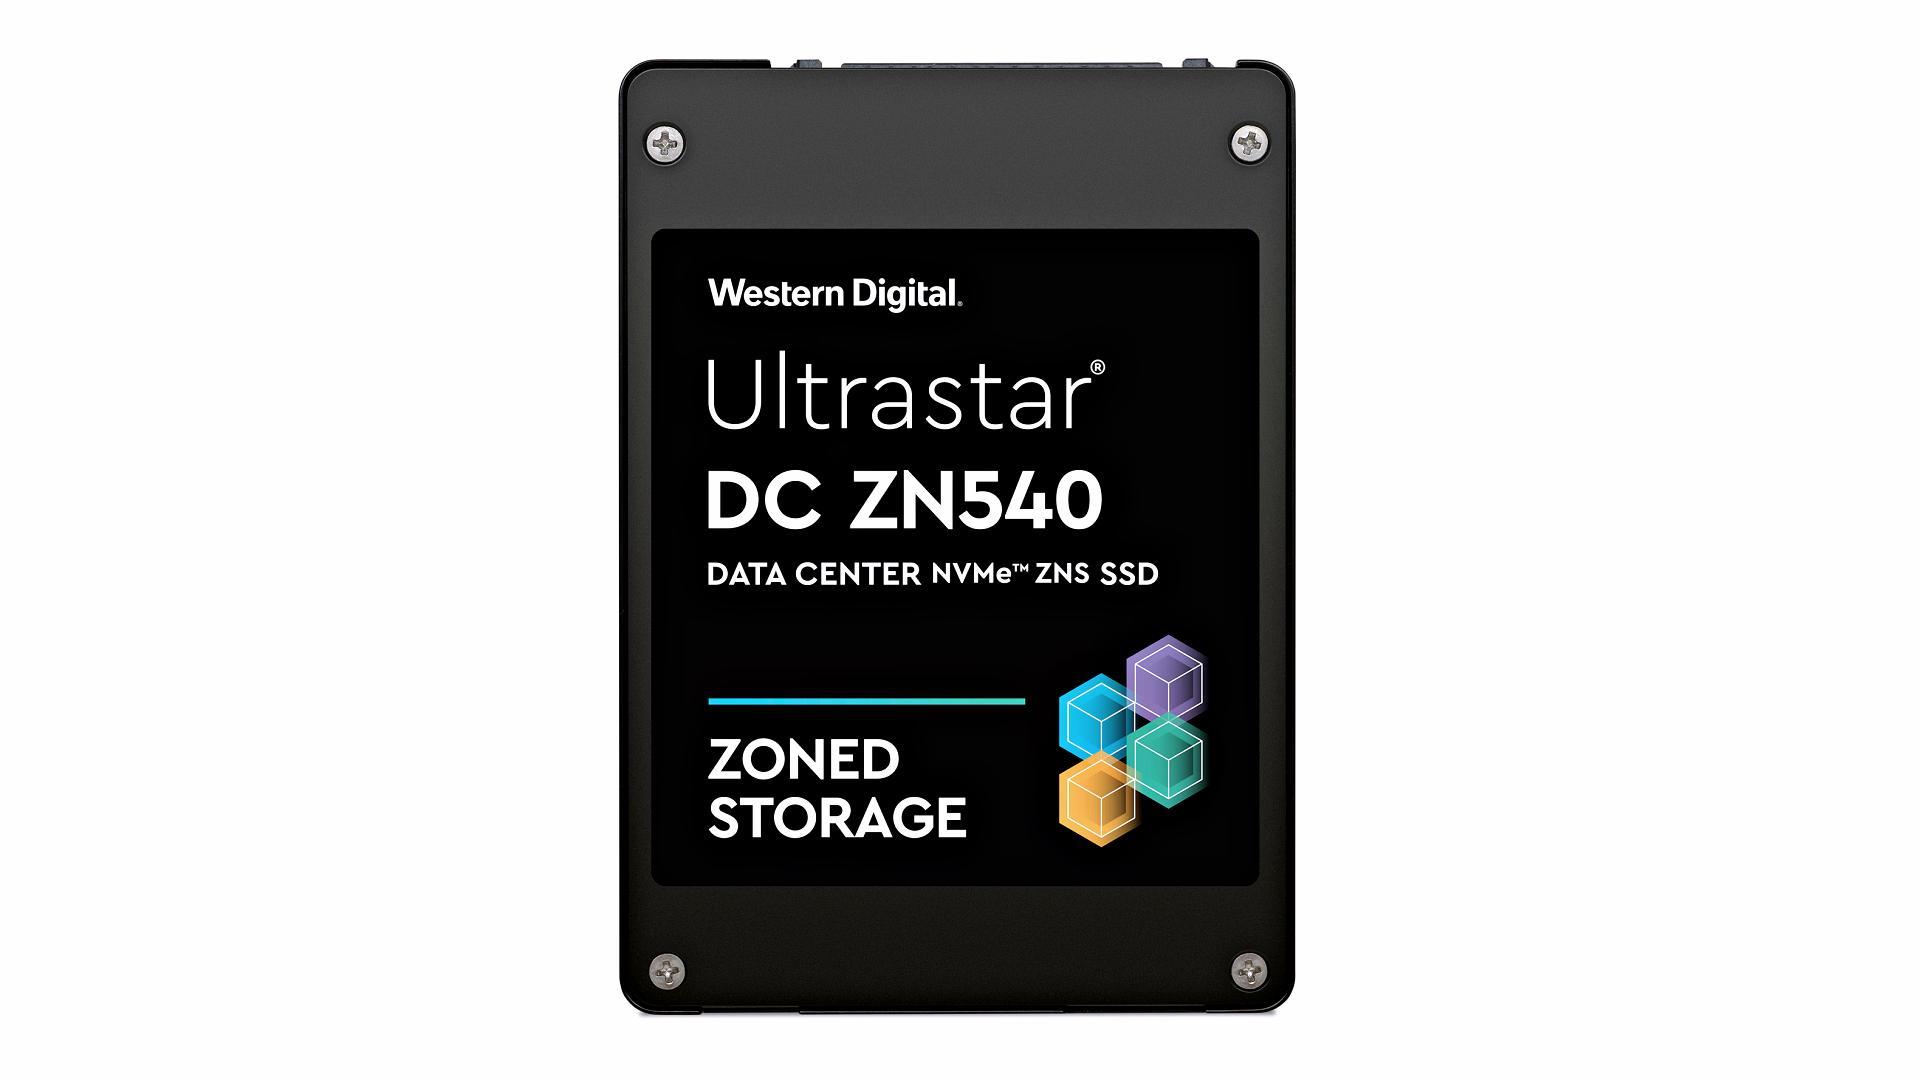 [웨스턴디지털_이미지] 울트라스타 DC ZN540 ZNS NVMe SSD.jpg